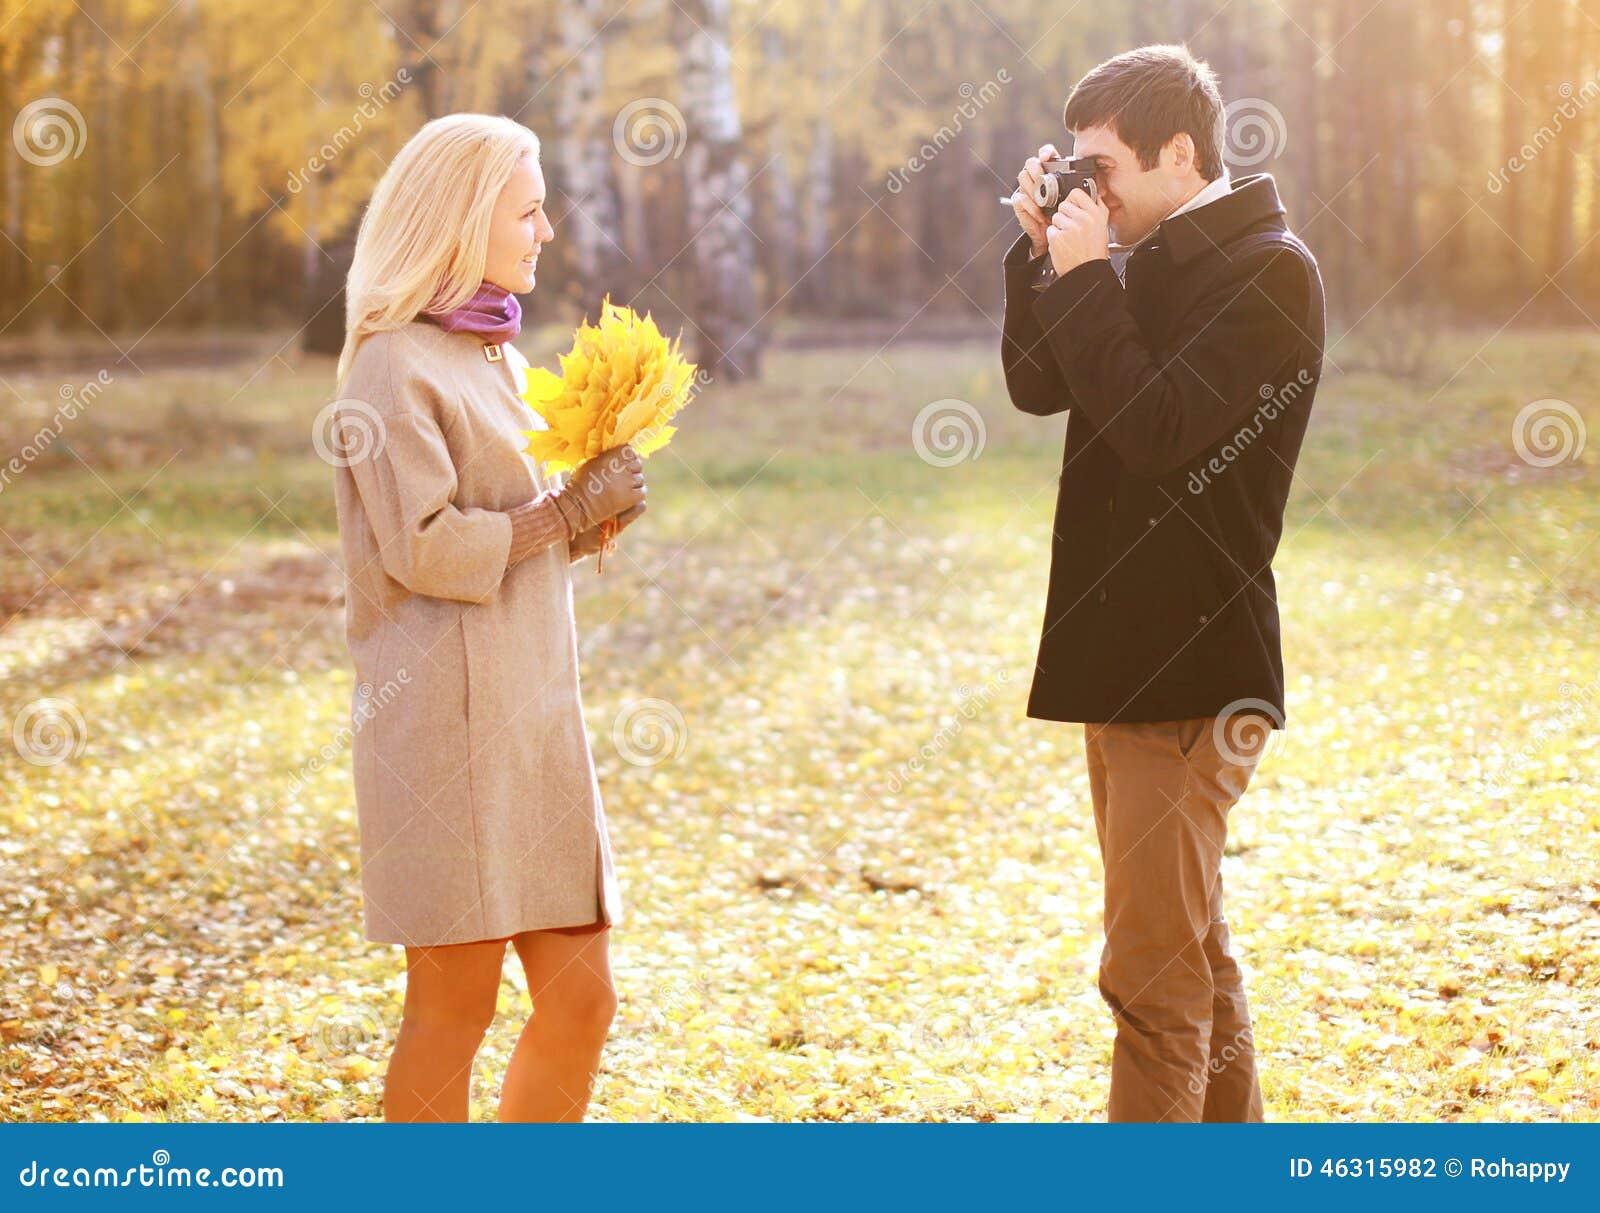 Automne, amour, relations et concept de personnes - couple heureux